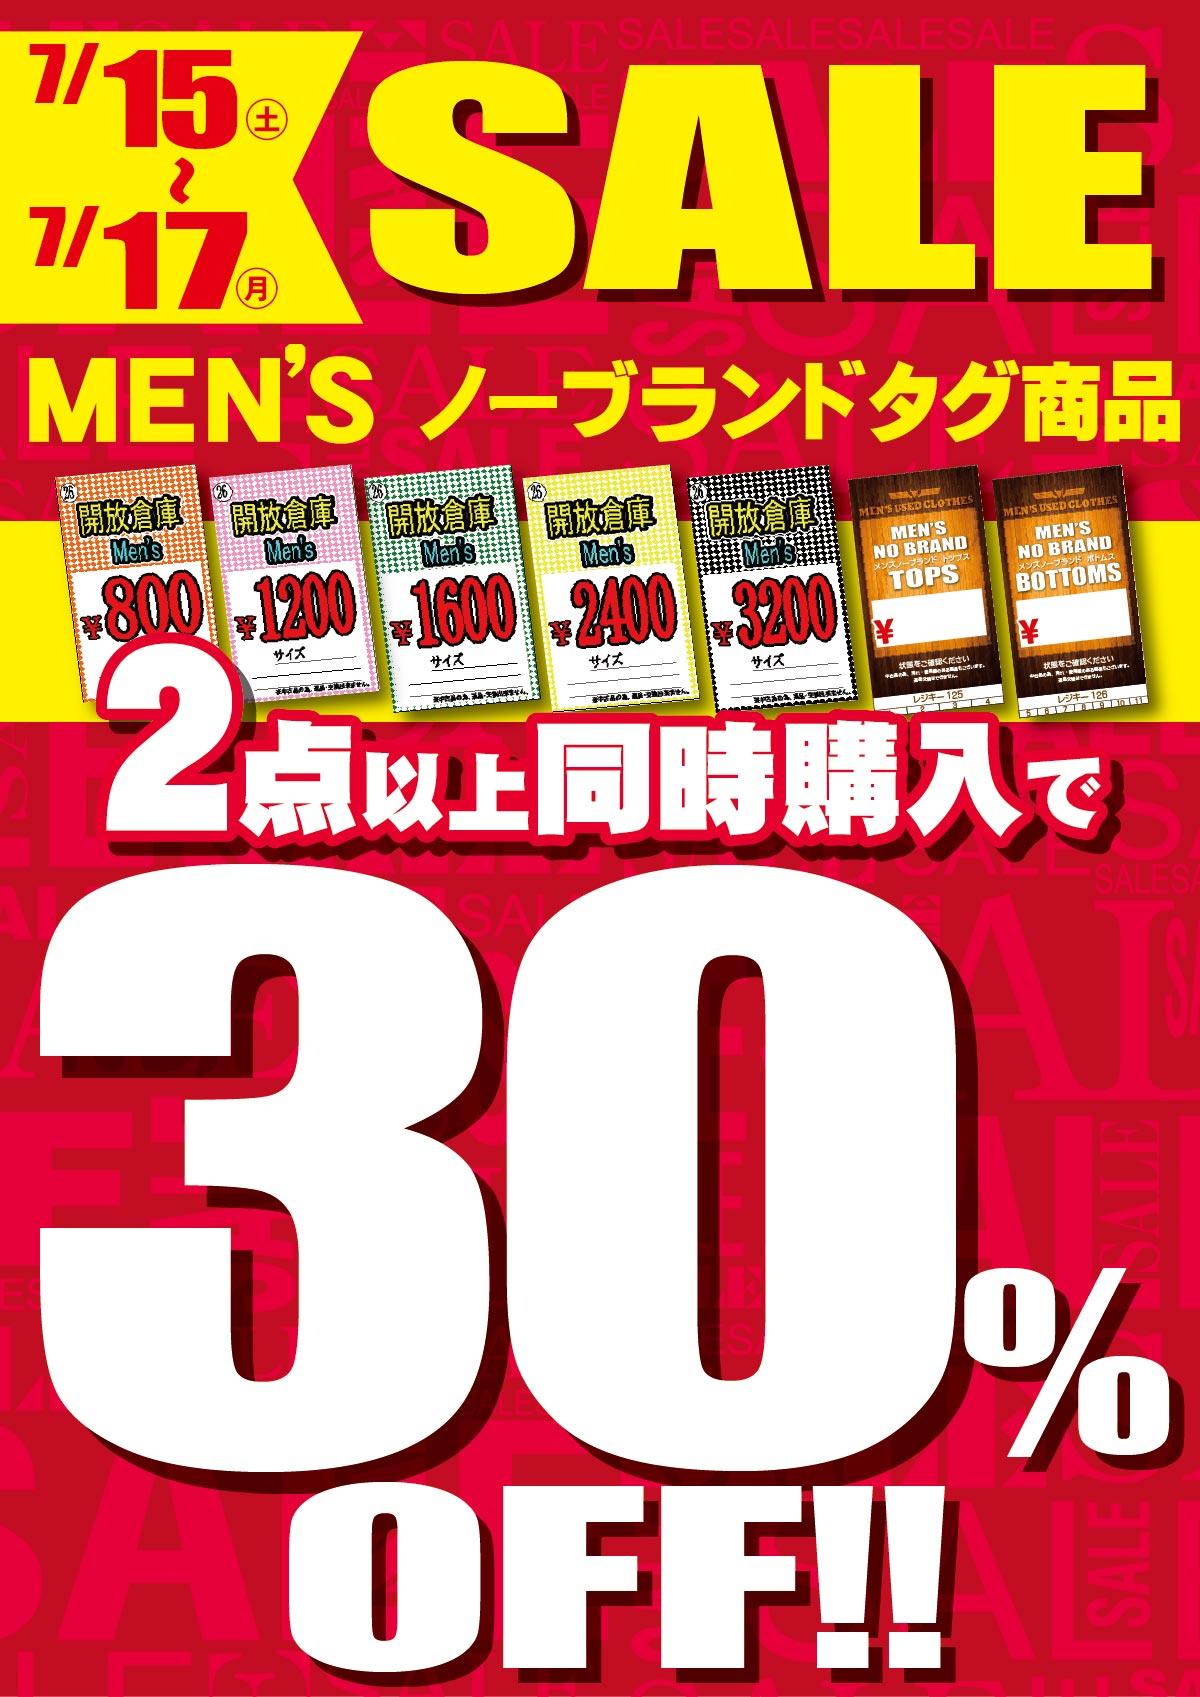 「開放倉庫山城店」古着館メンズセール開催!!15(土)、16(日)、17(月)!!Men`sノーブランドタグ商品2点以上同時購入で30%OFF!!